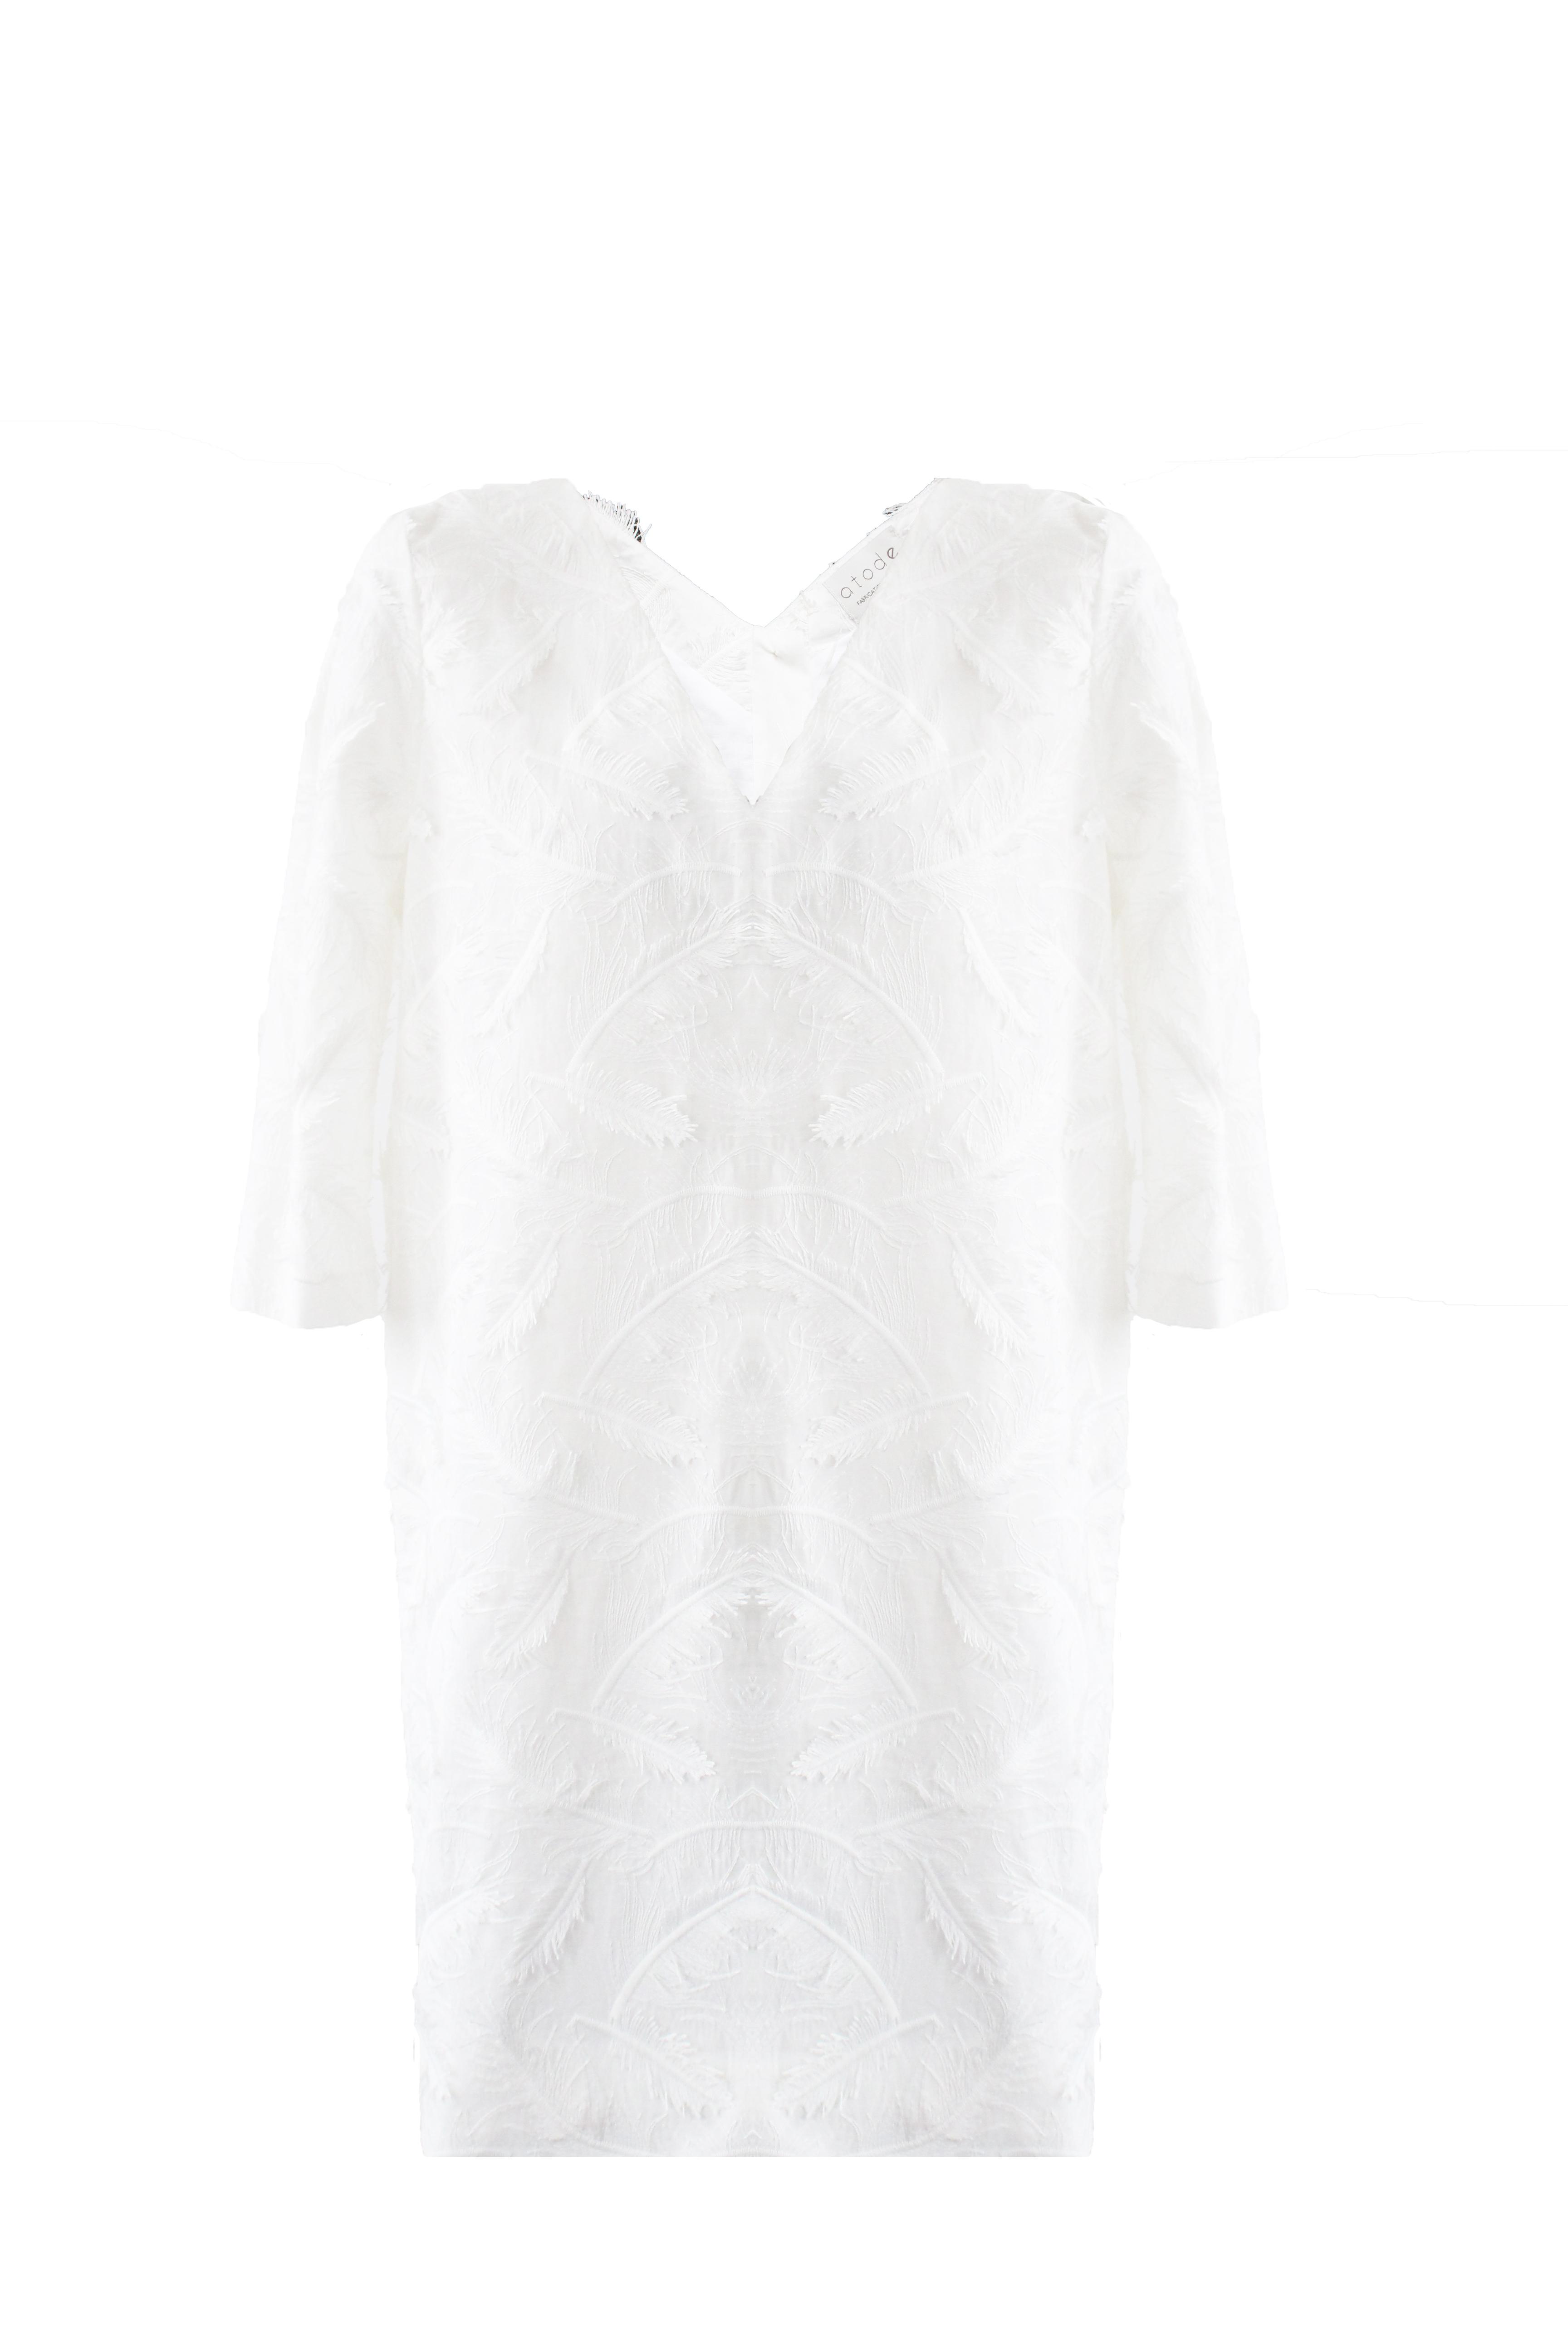 Robe blanche manche 34 en coton Eloïse